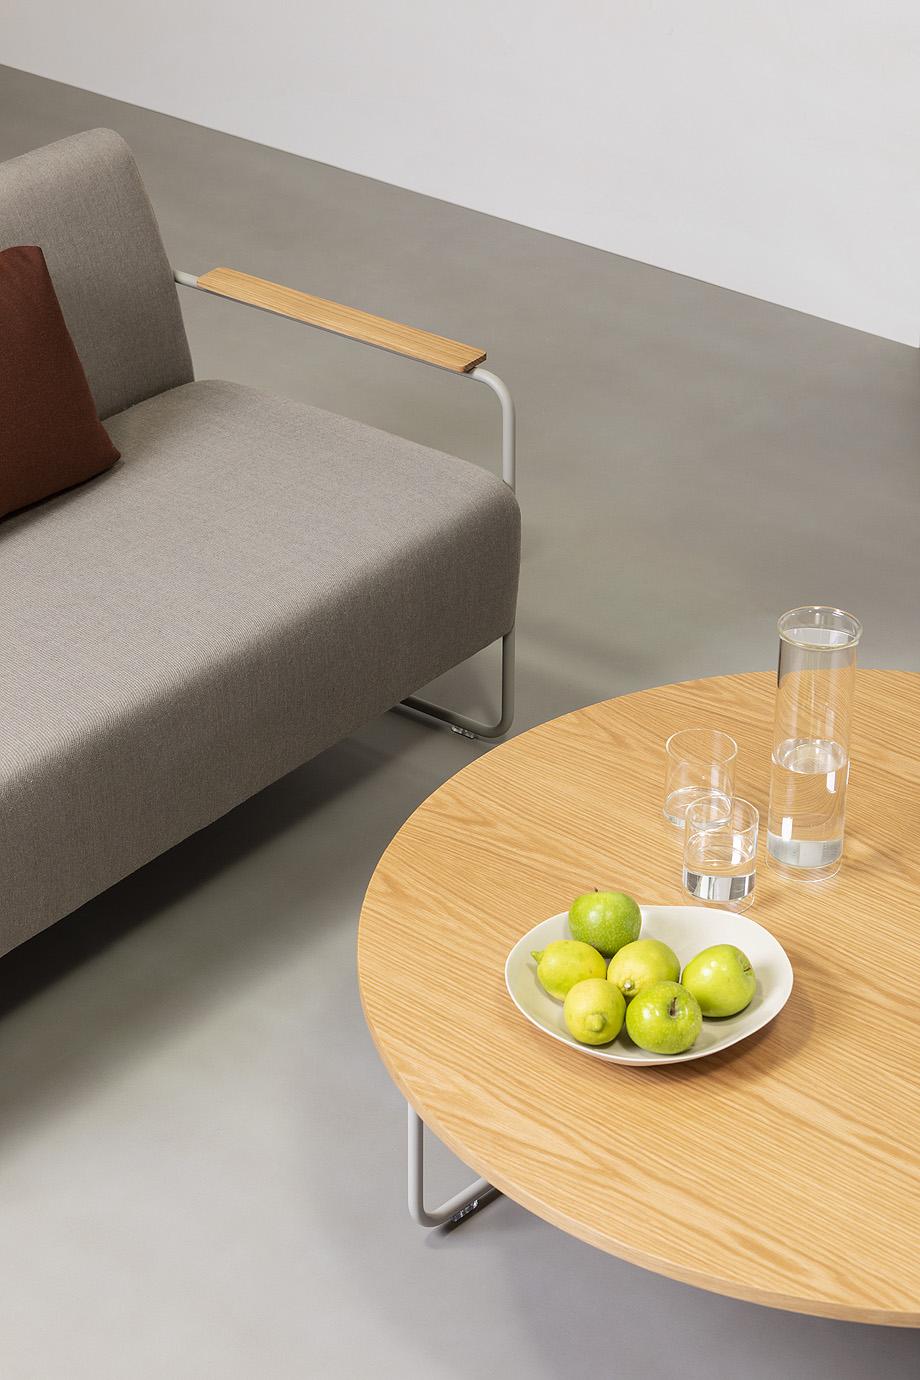 asientos modulares dula de yago sarri para verges (7)